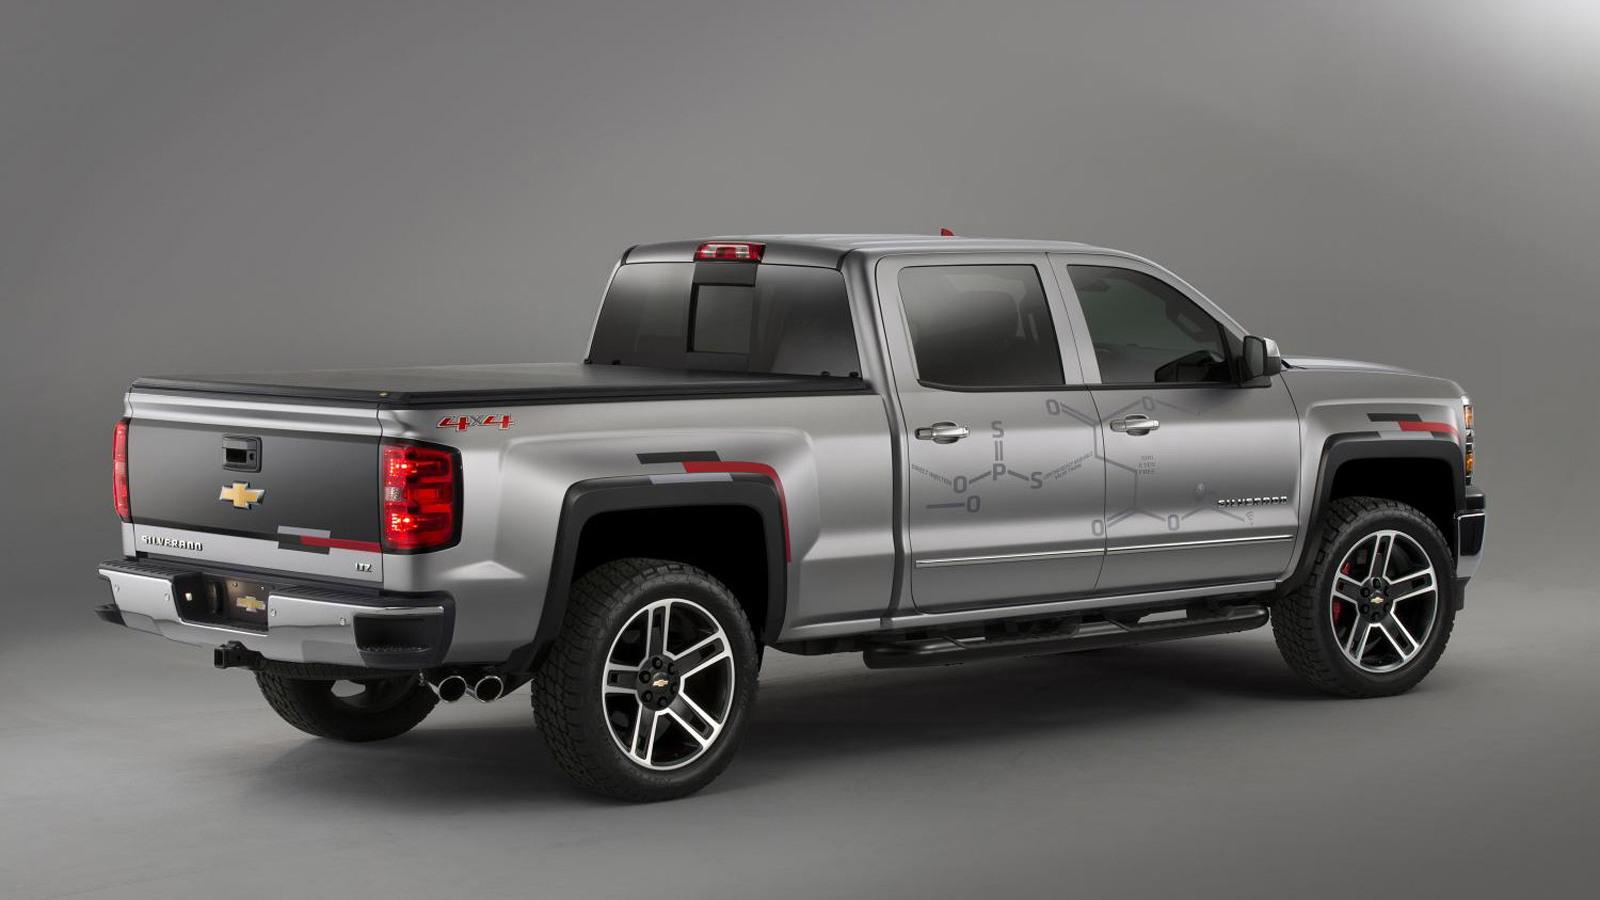 Chevrolet Silverado Toughnology concept, 2014 State Fair of Texas